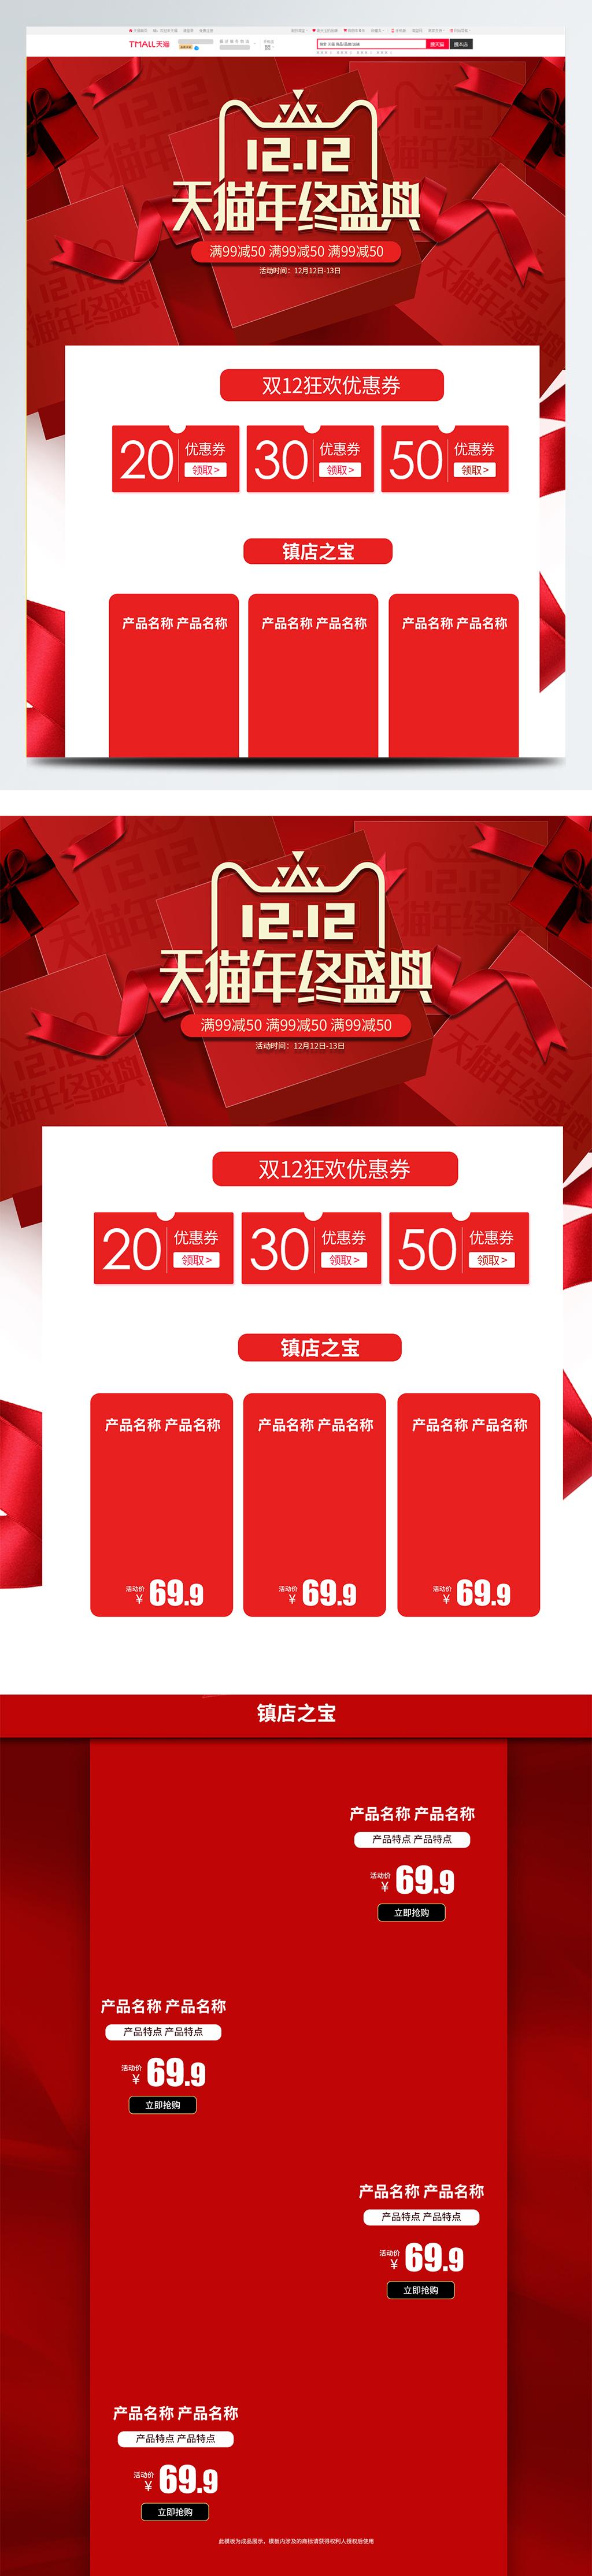 双12红色立体大促礼盒电商首页模板